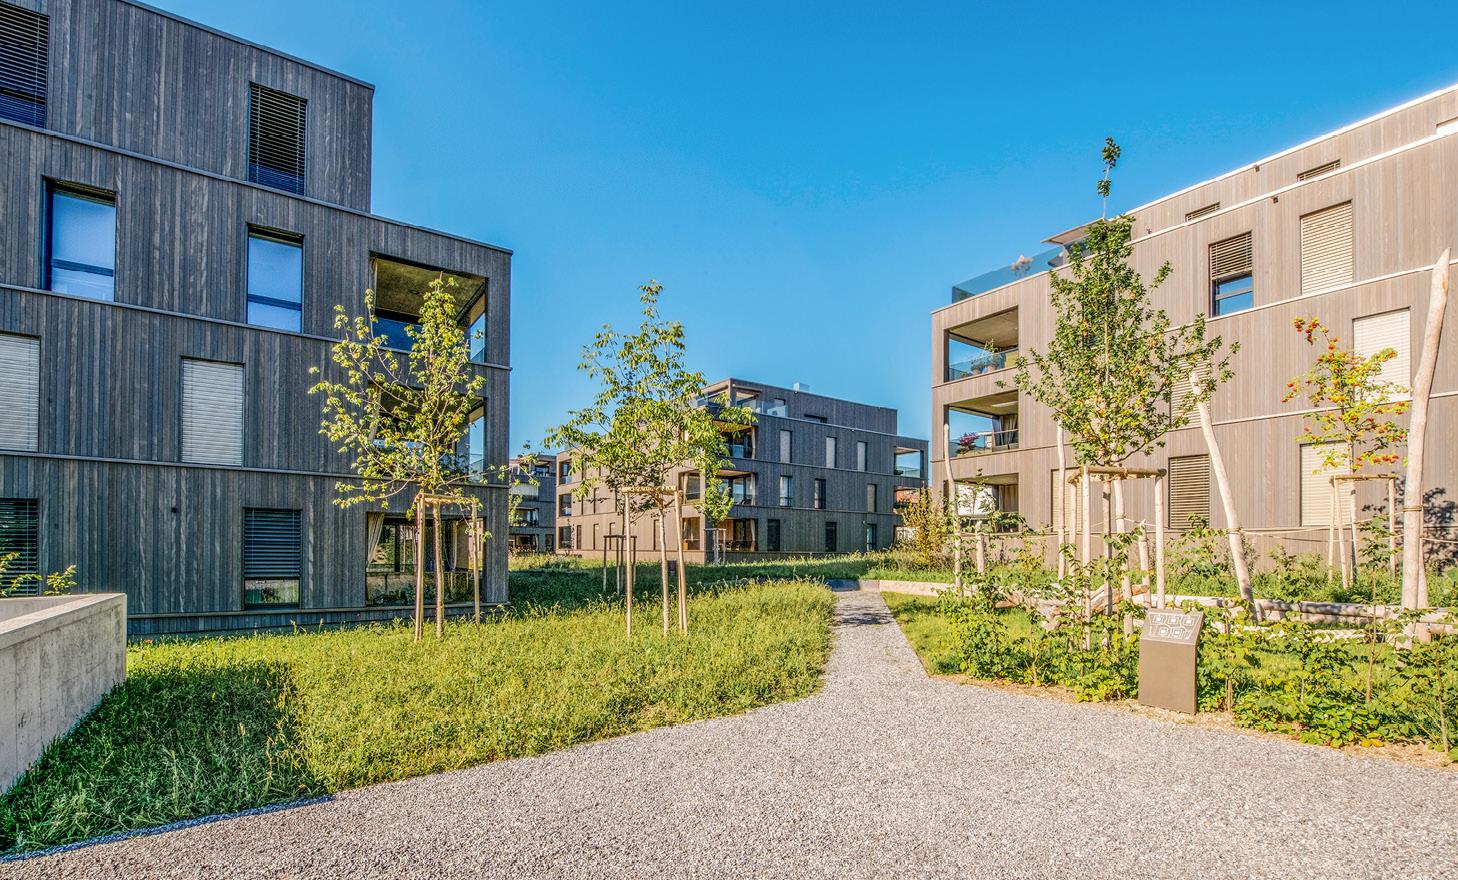 Wohnueberbauung_Bodenmattpark_Schmitten2